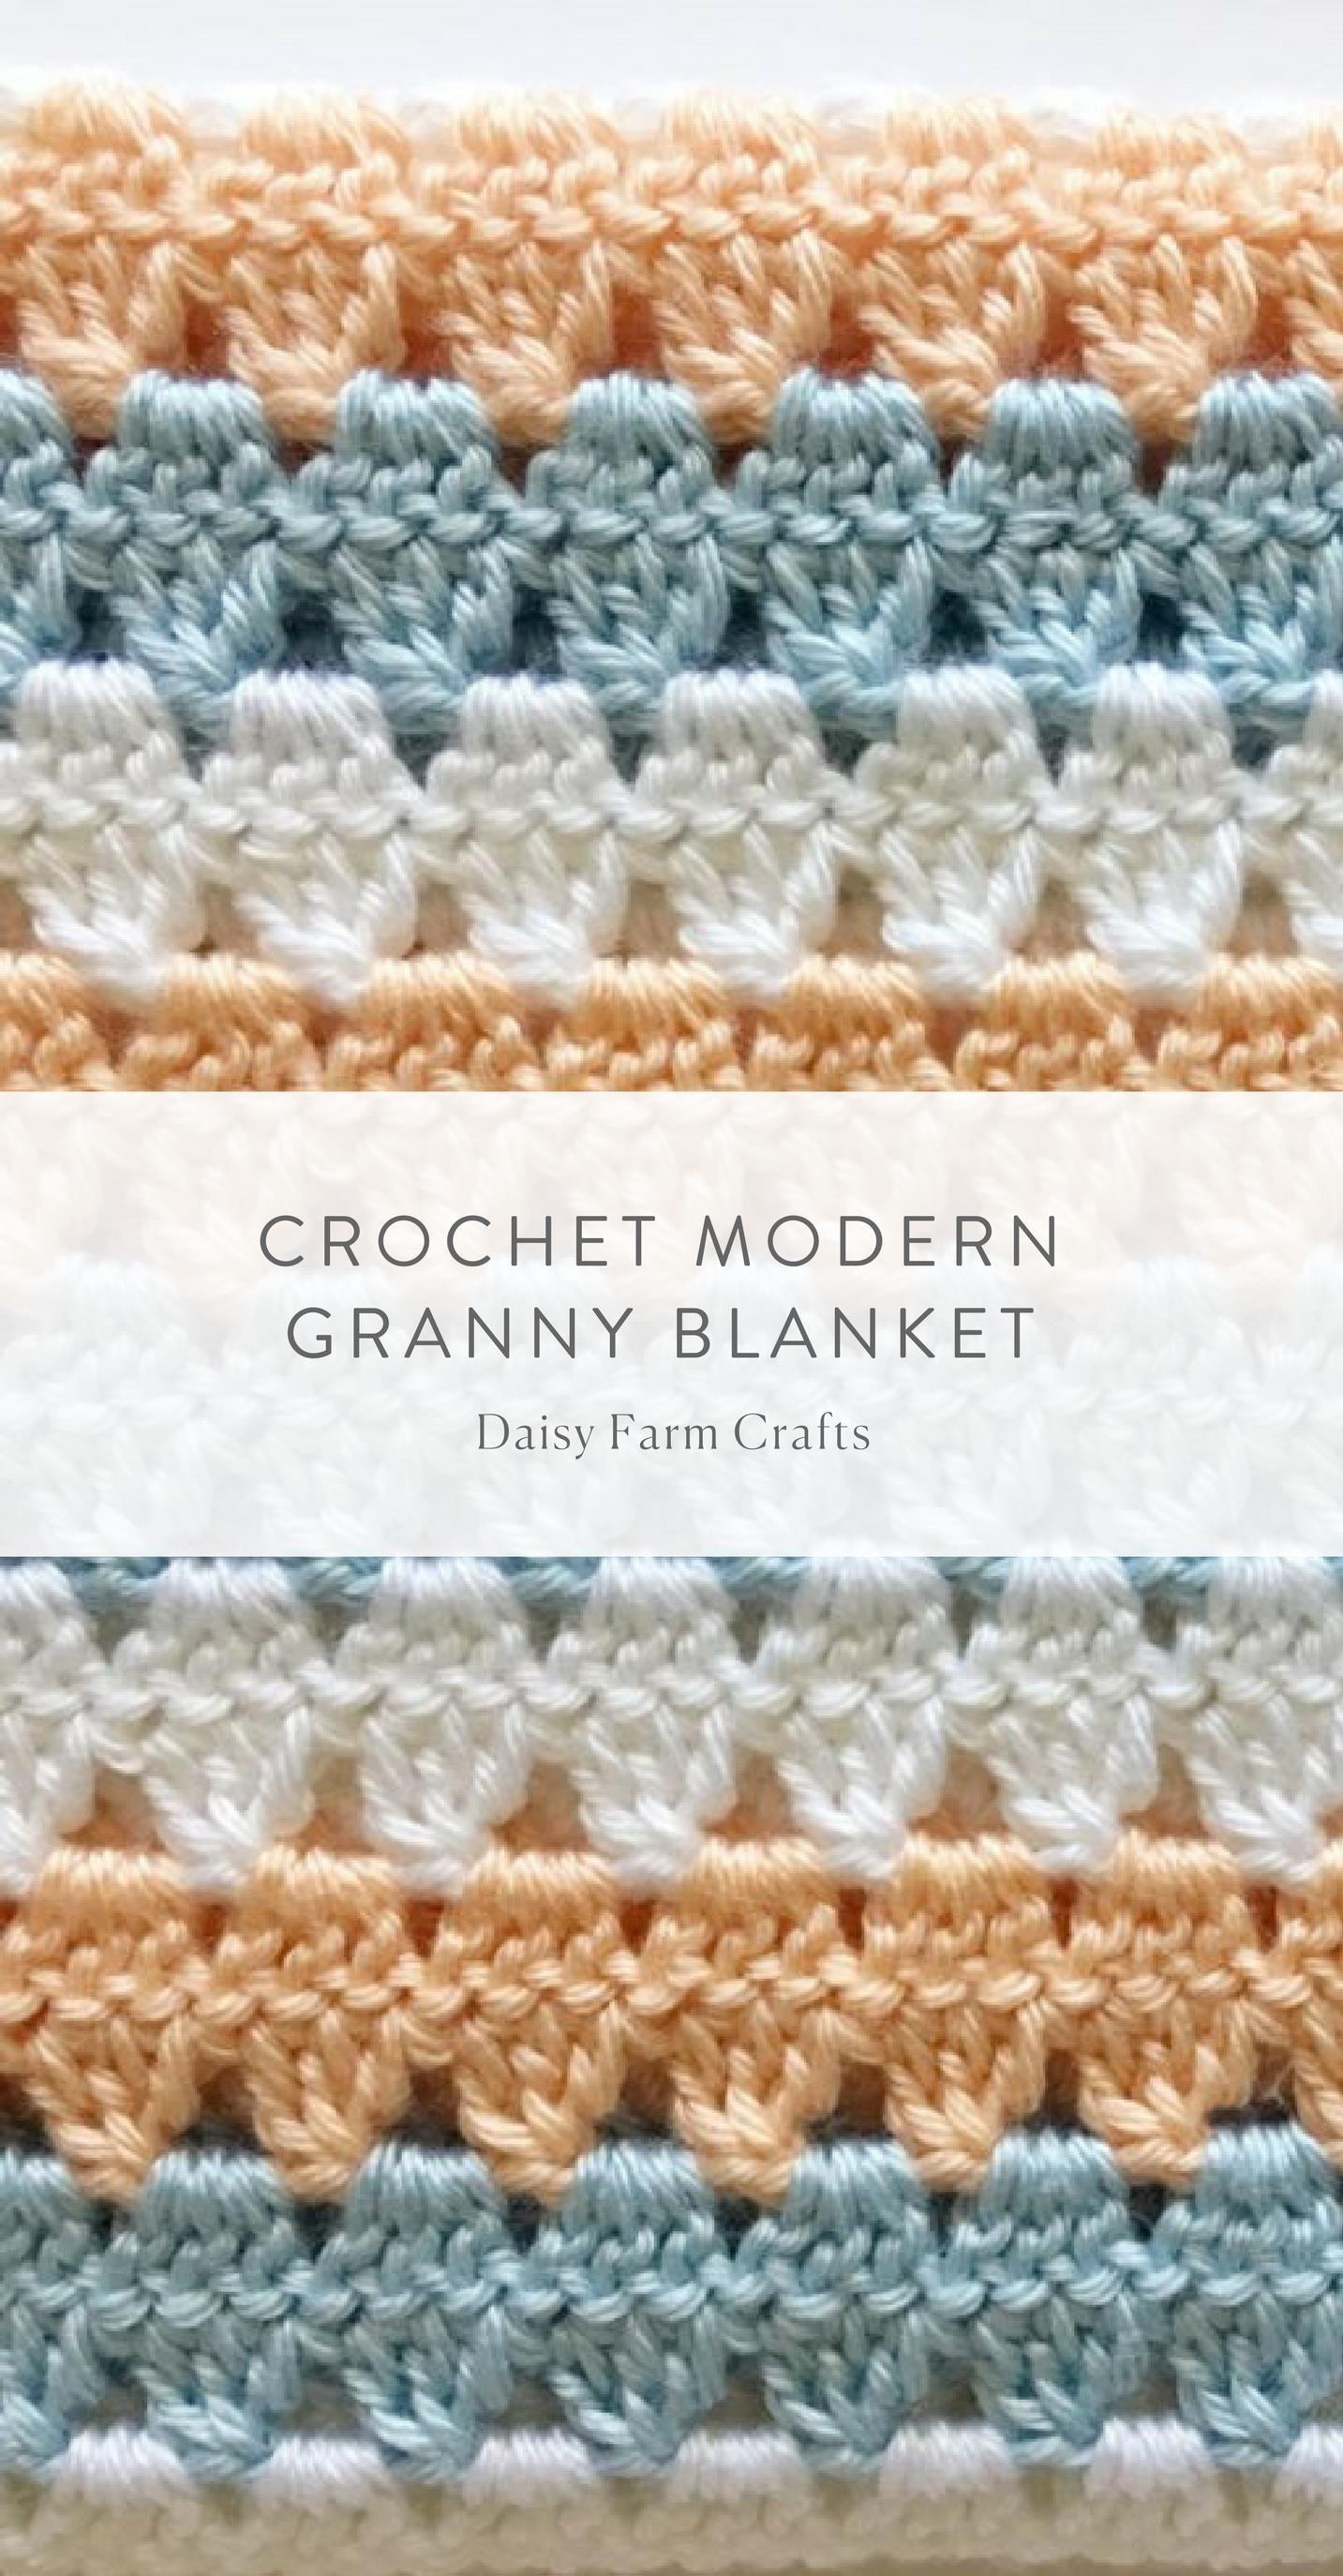 Free Pattern - Crochet Modern Granny Blanket   TEJIDO   Pinterest ...